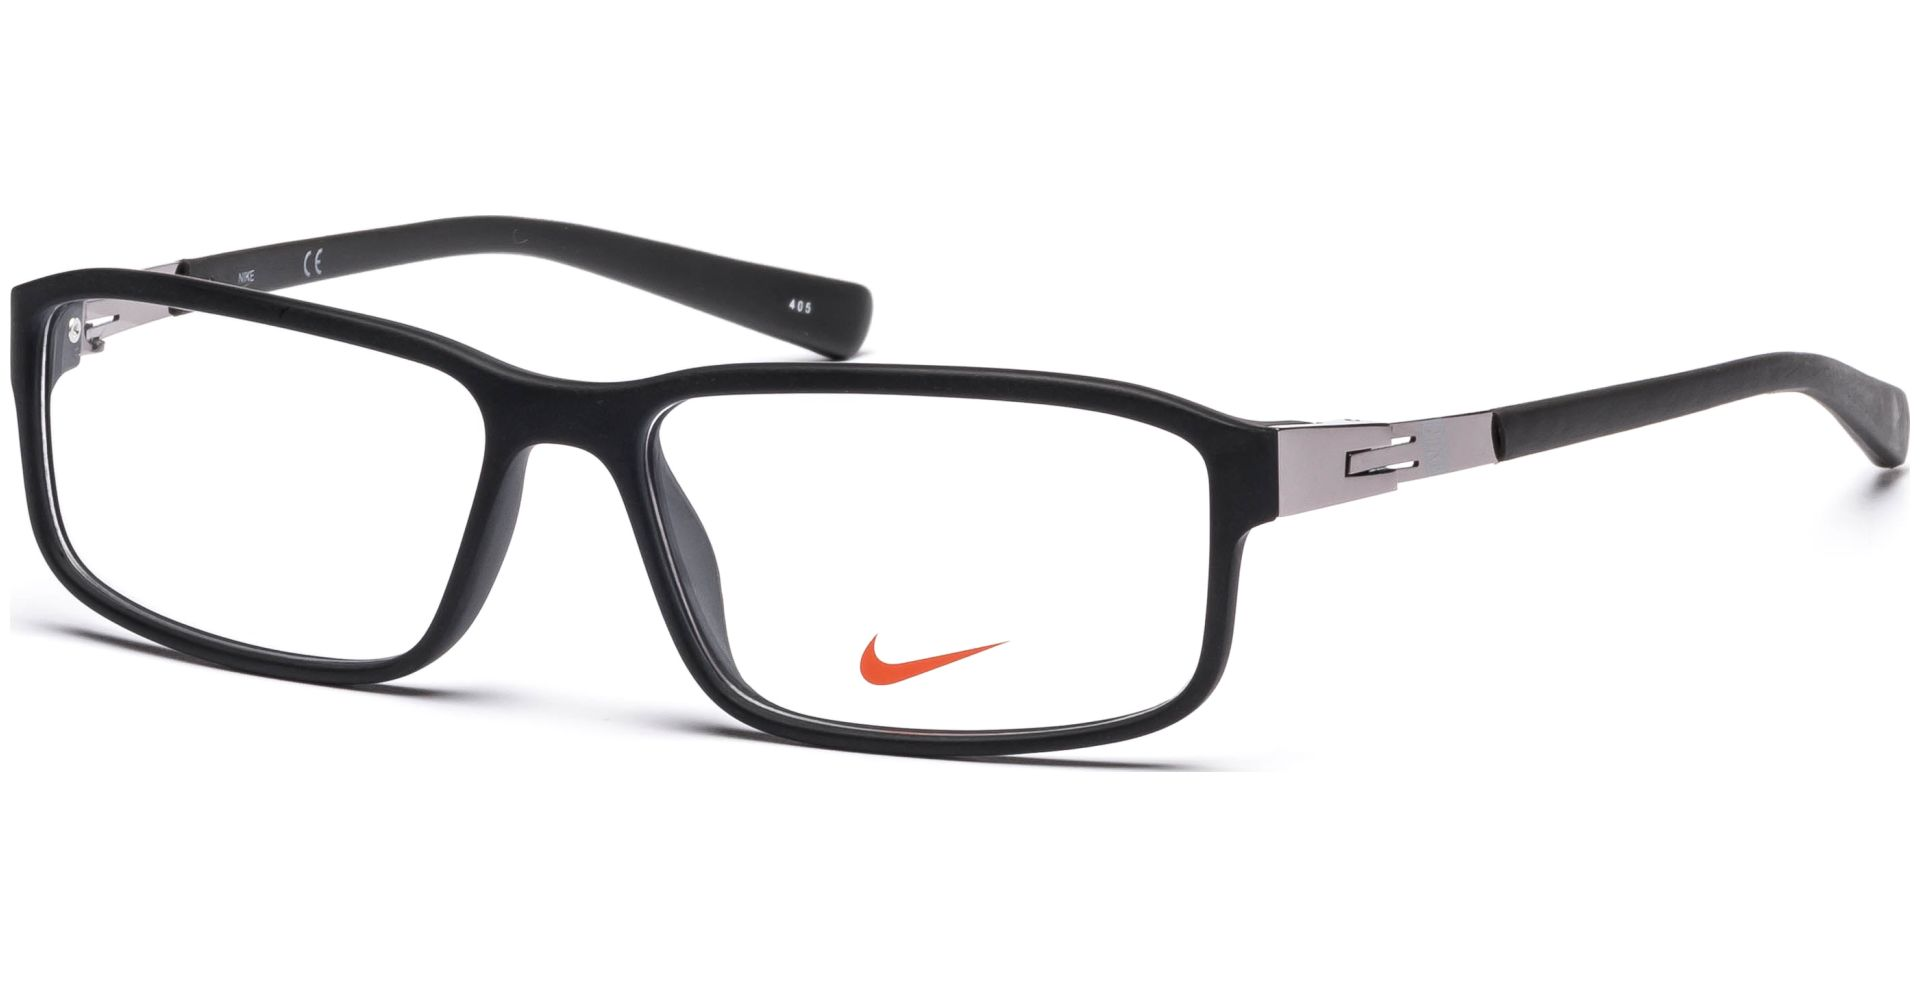 Nike - 7108 025 5415 Satin Black/Dark Grey - von Lensbest